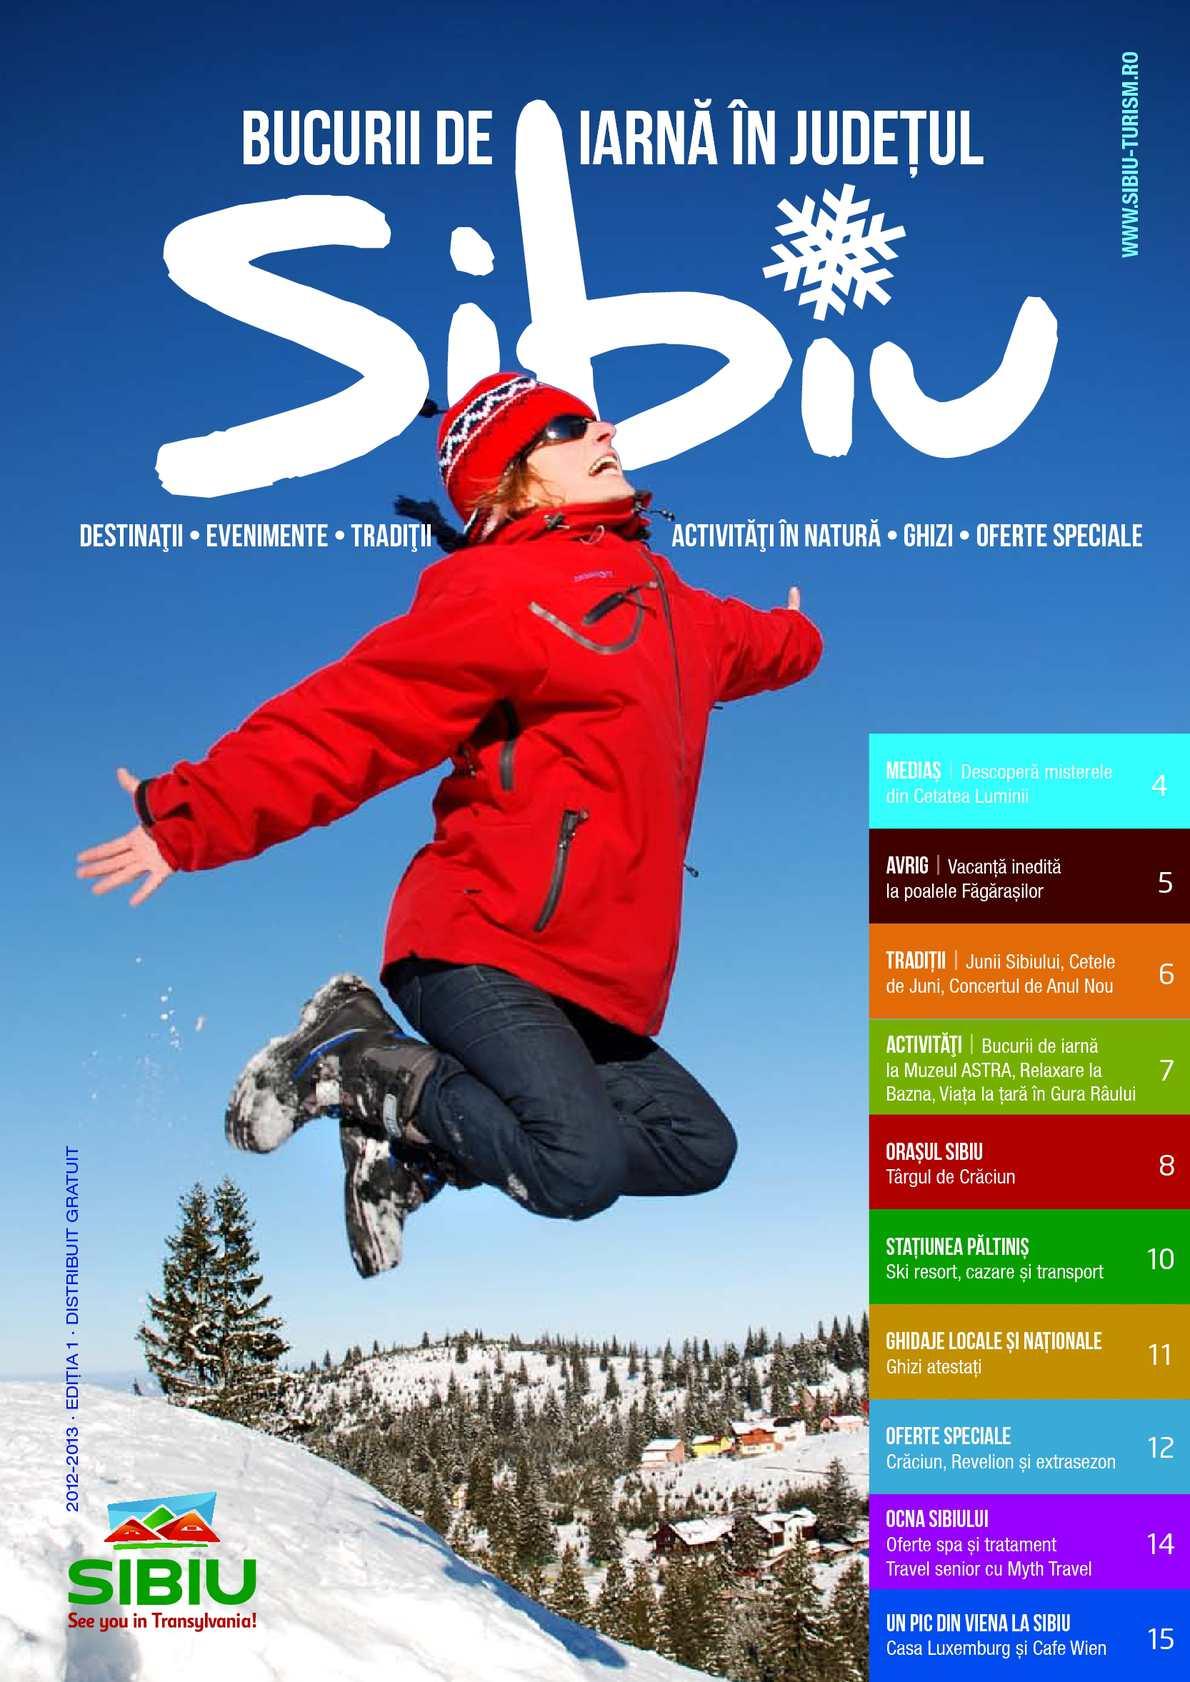 Bucurii de iarnă în judeţul Sibiu